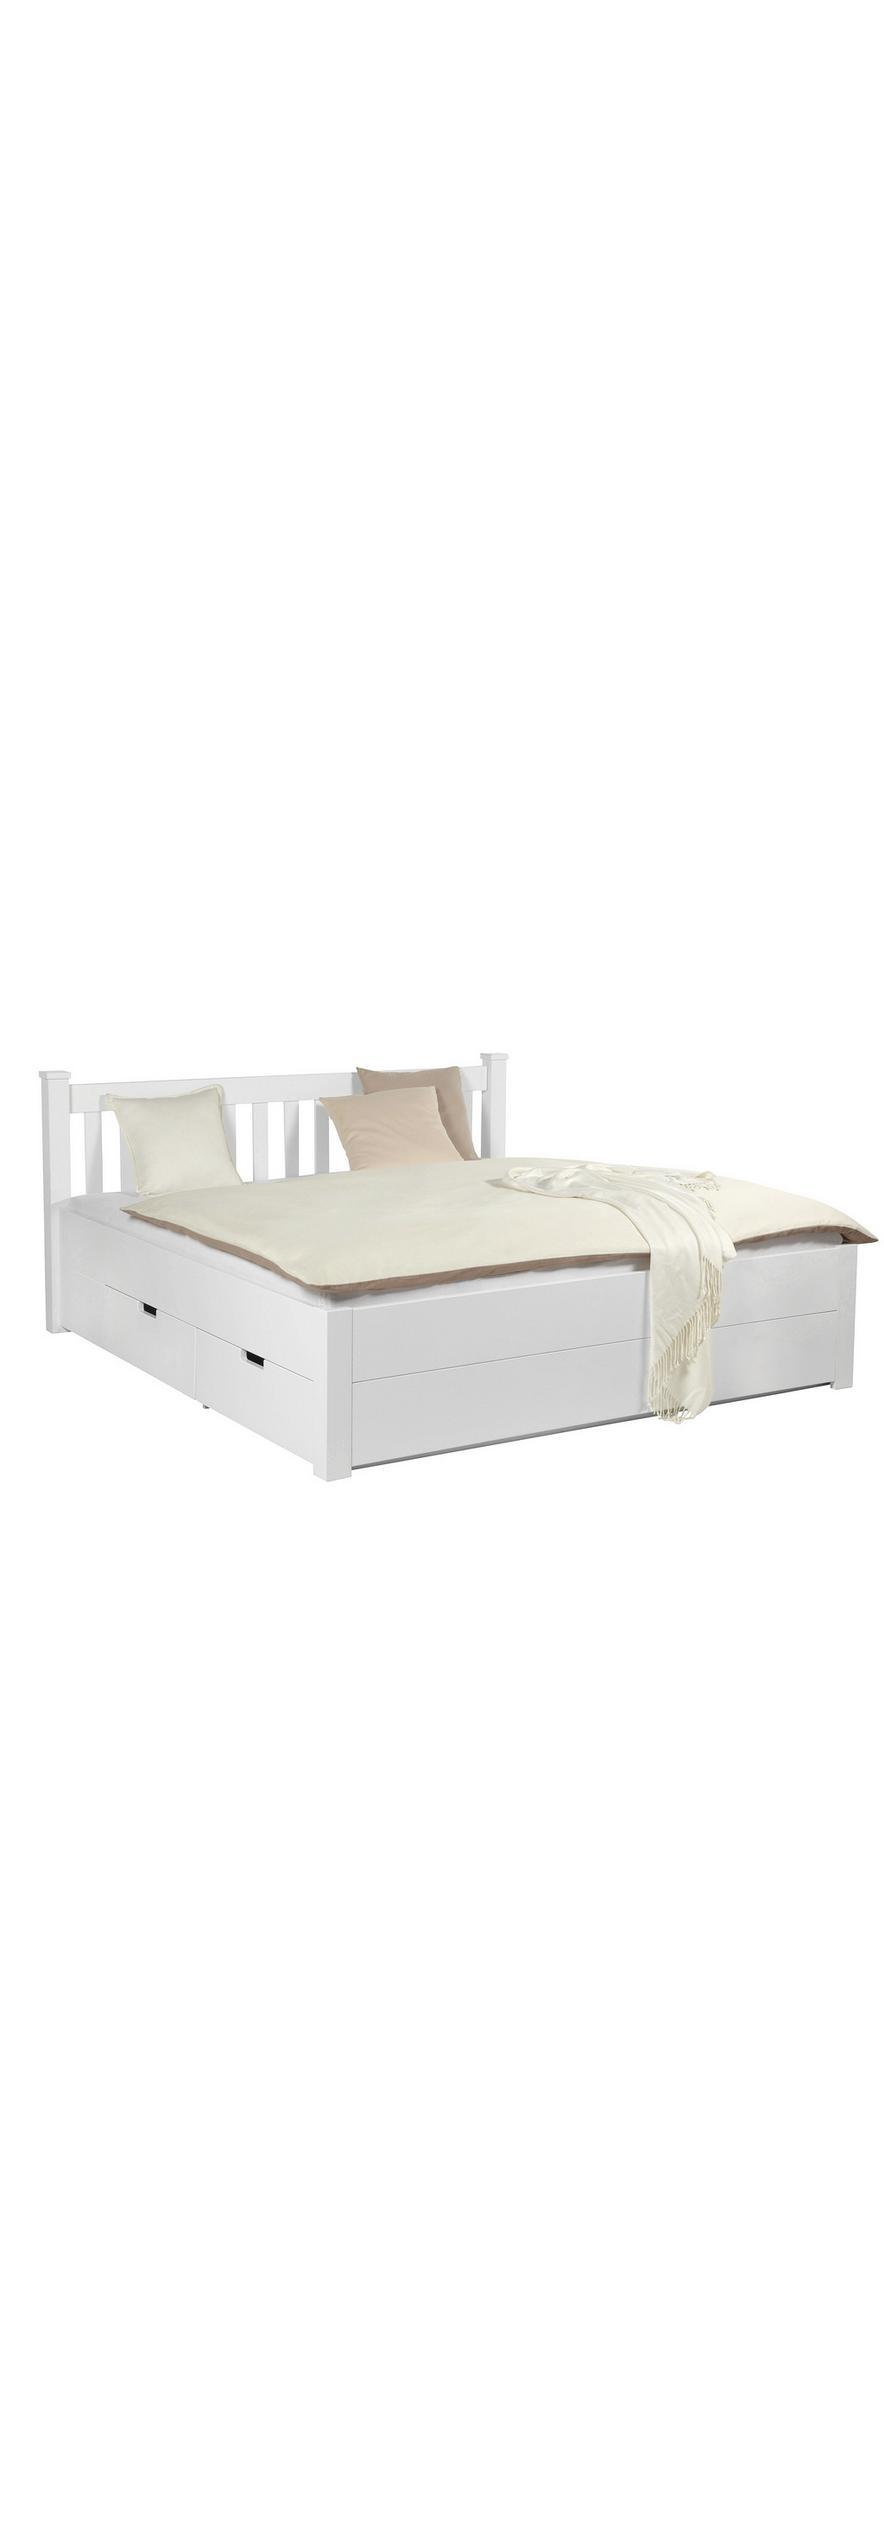 Full Size of Landhaus Bett In Wei Ca 140x200cm Online Kaufen Mmax Betten überlänge Metall Selber Bauen 180x200 Mit Schubladen Weiß 120x200 Regal Japanische Bett Landhaus Bett